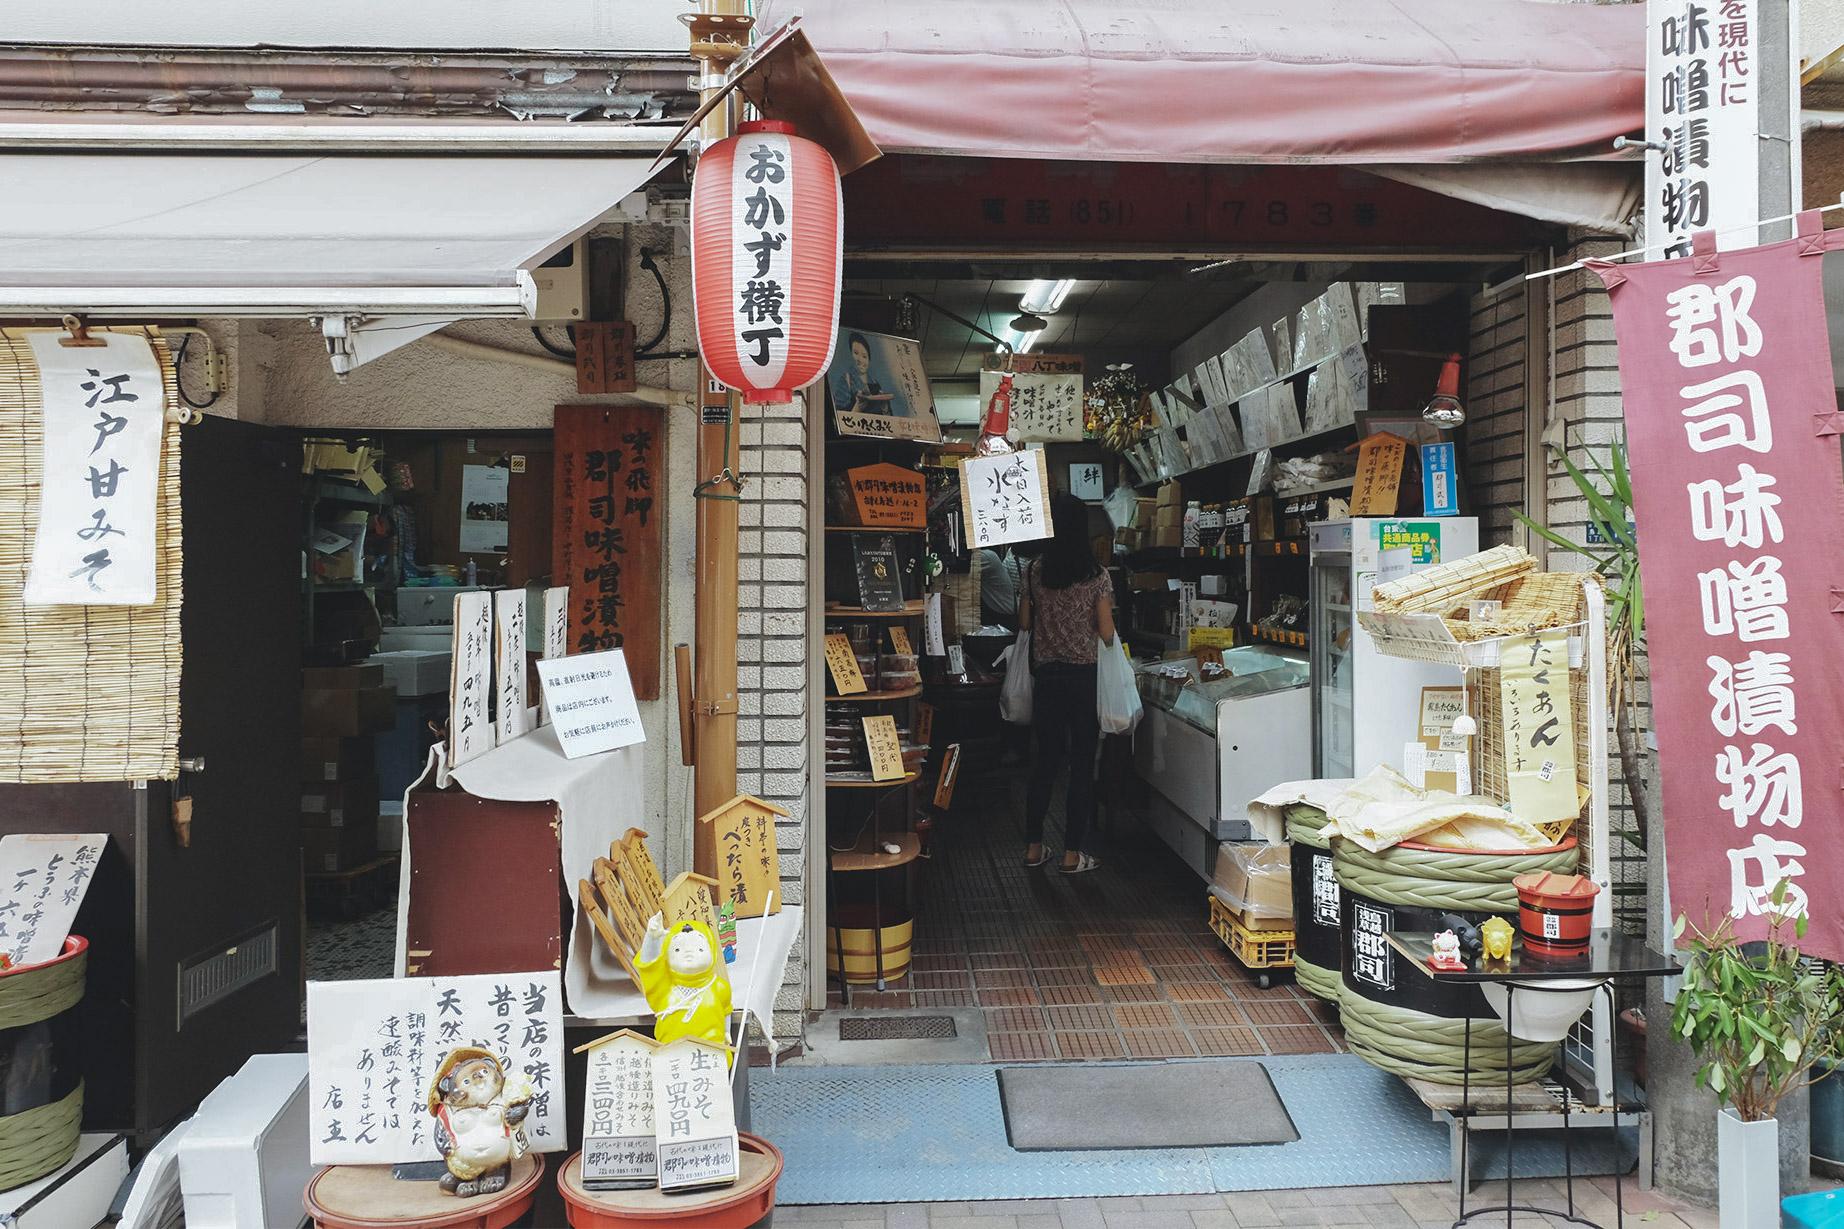 三小鳥の日常の風景 郡司味噌漬物店